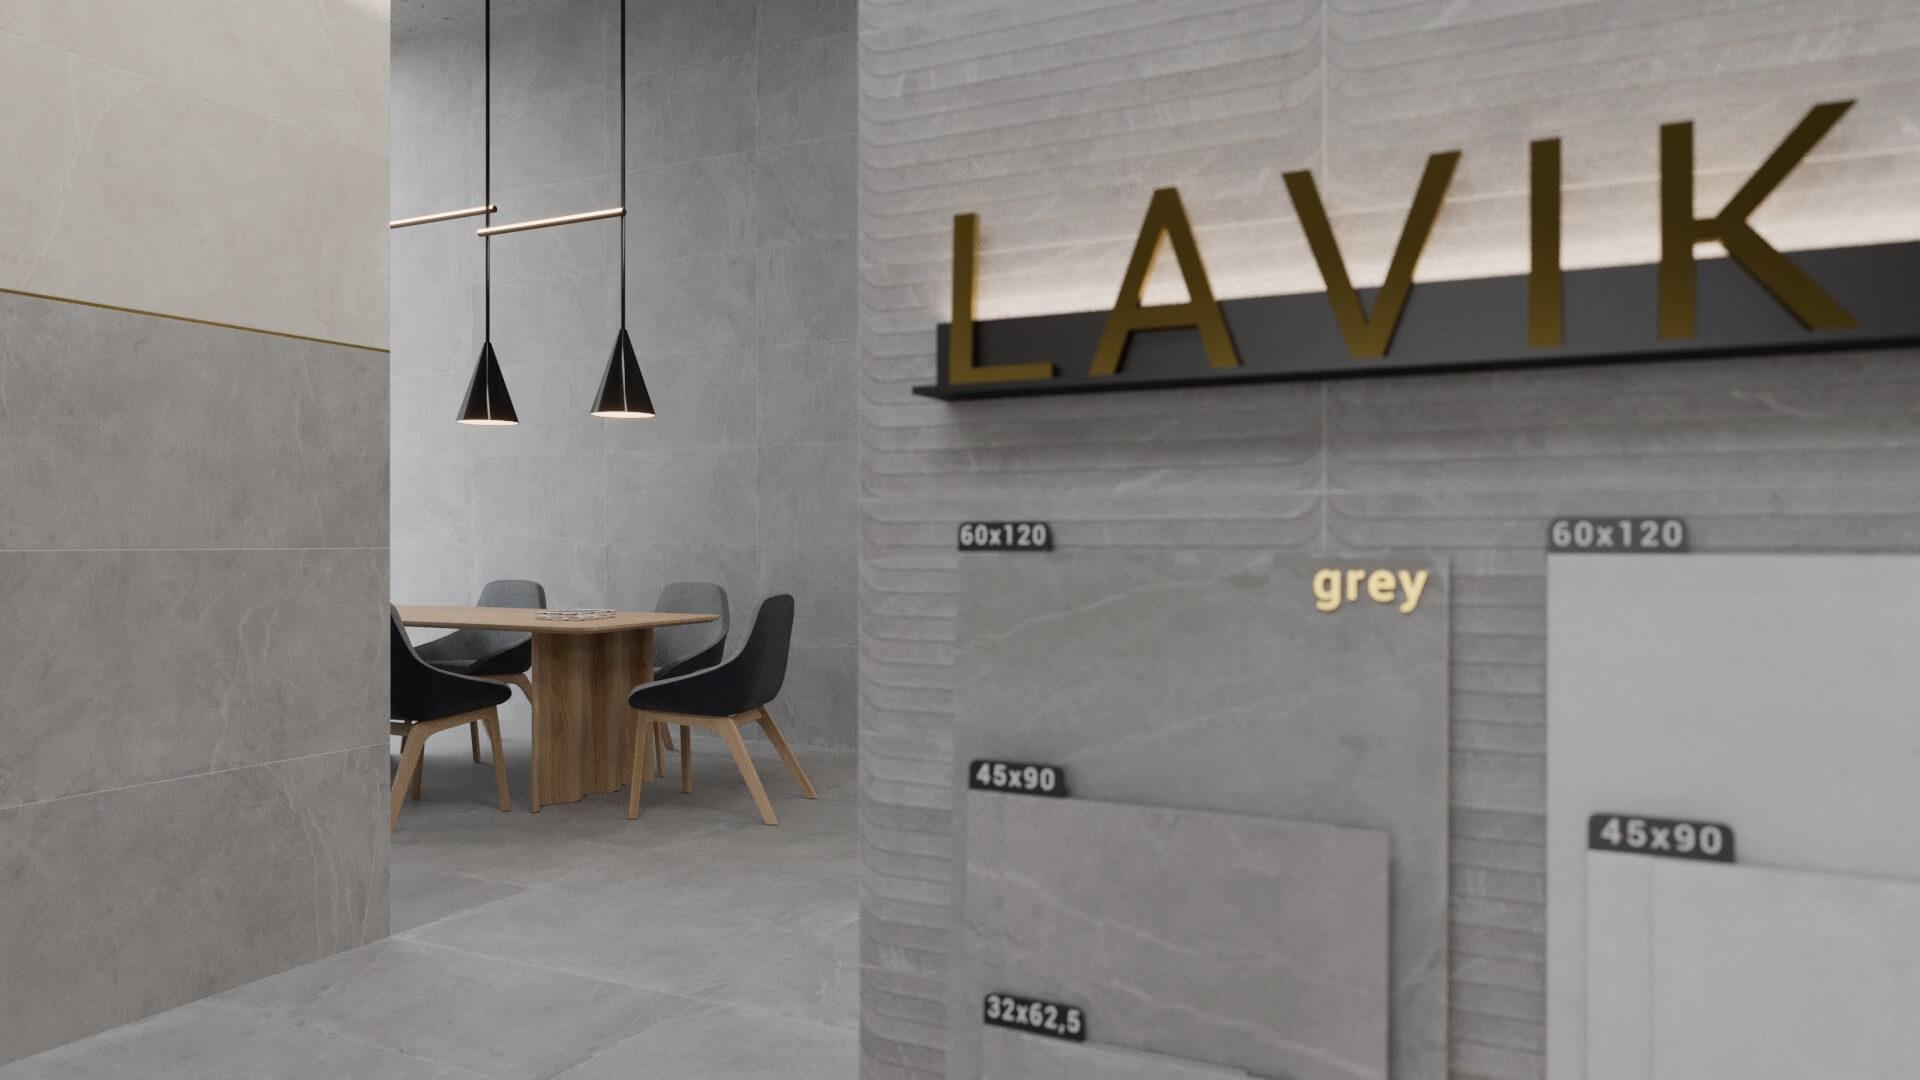 Gayafores Lavik App Porcelain Tiles 3